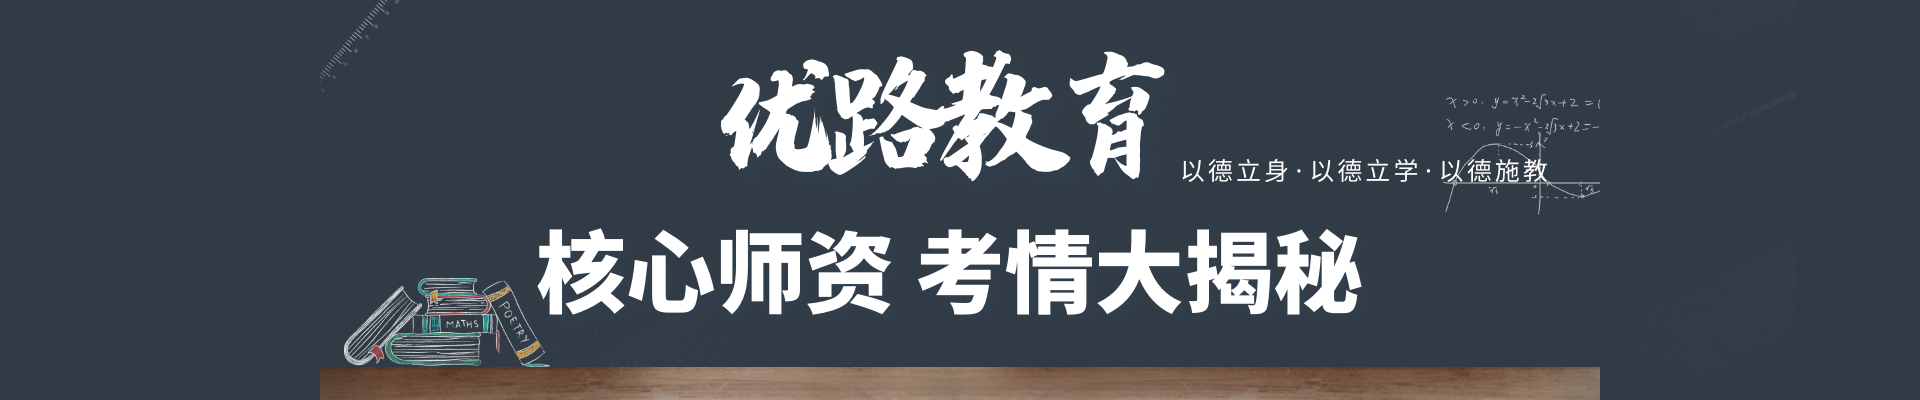 海南三����路教育培��W校